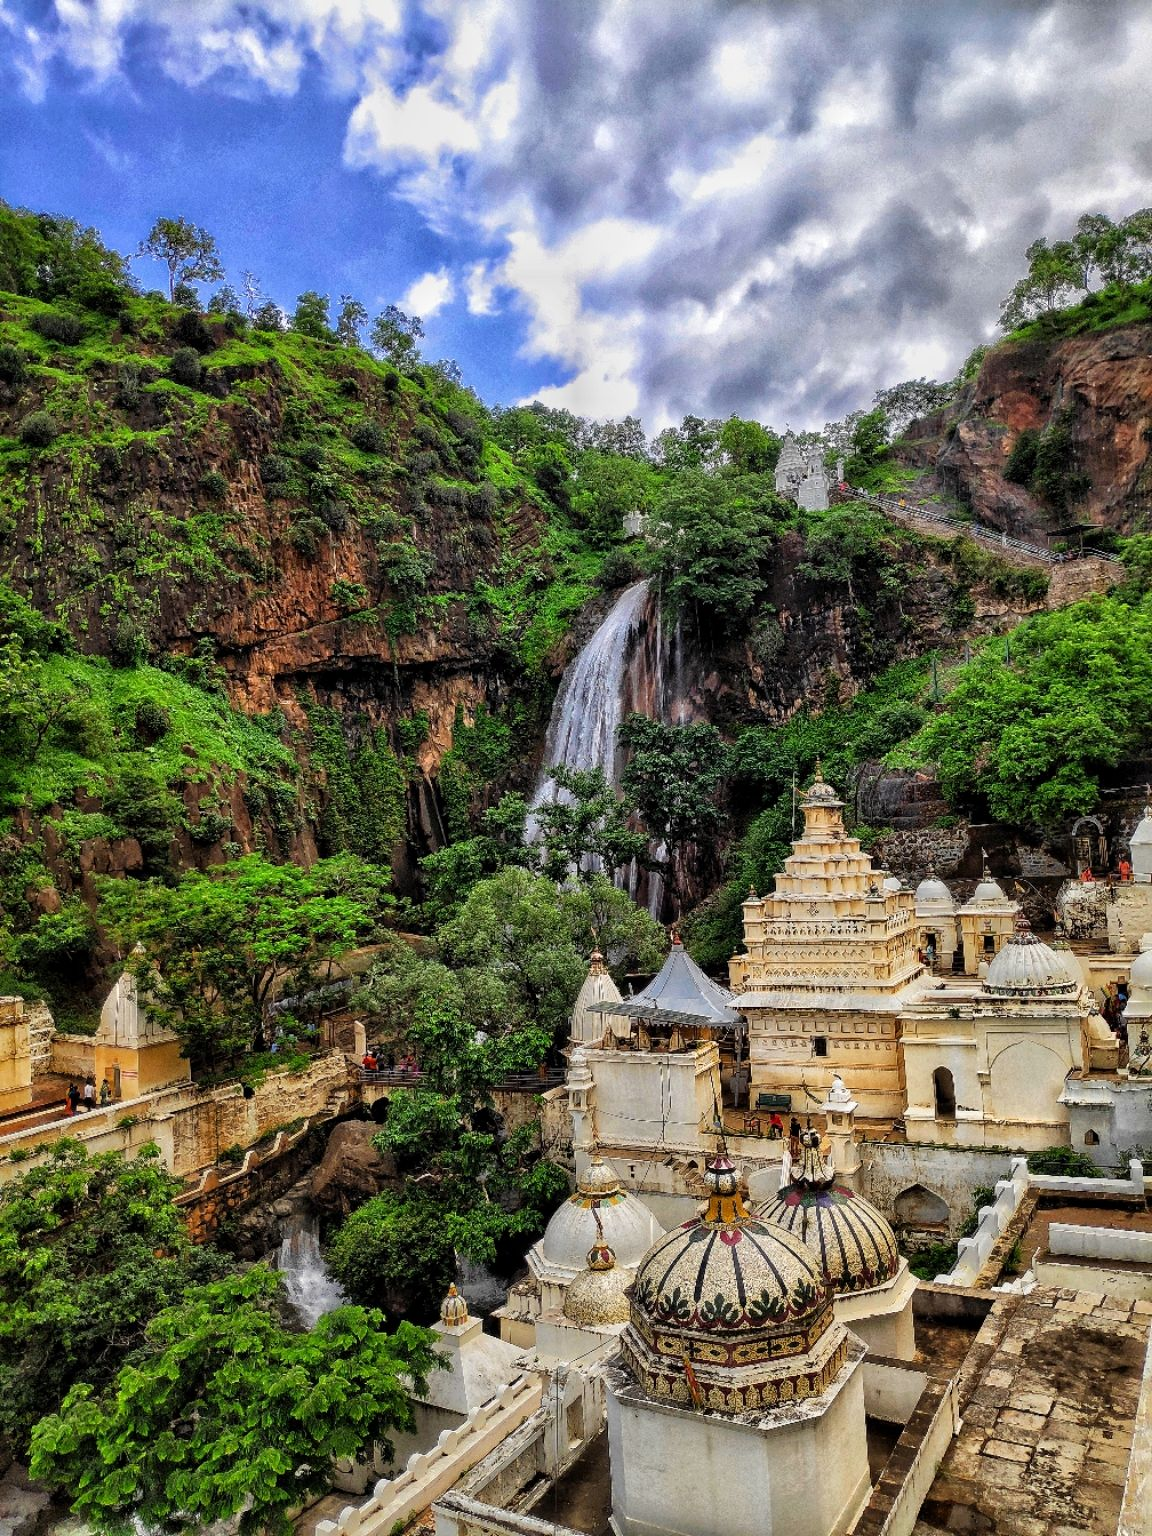 Photo of Digamber Muktagiri Jain Temple By saurabh jain